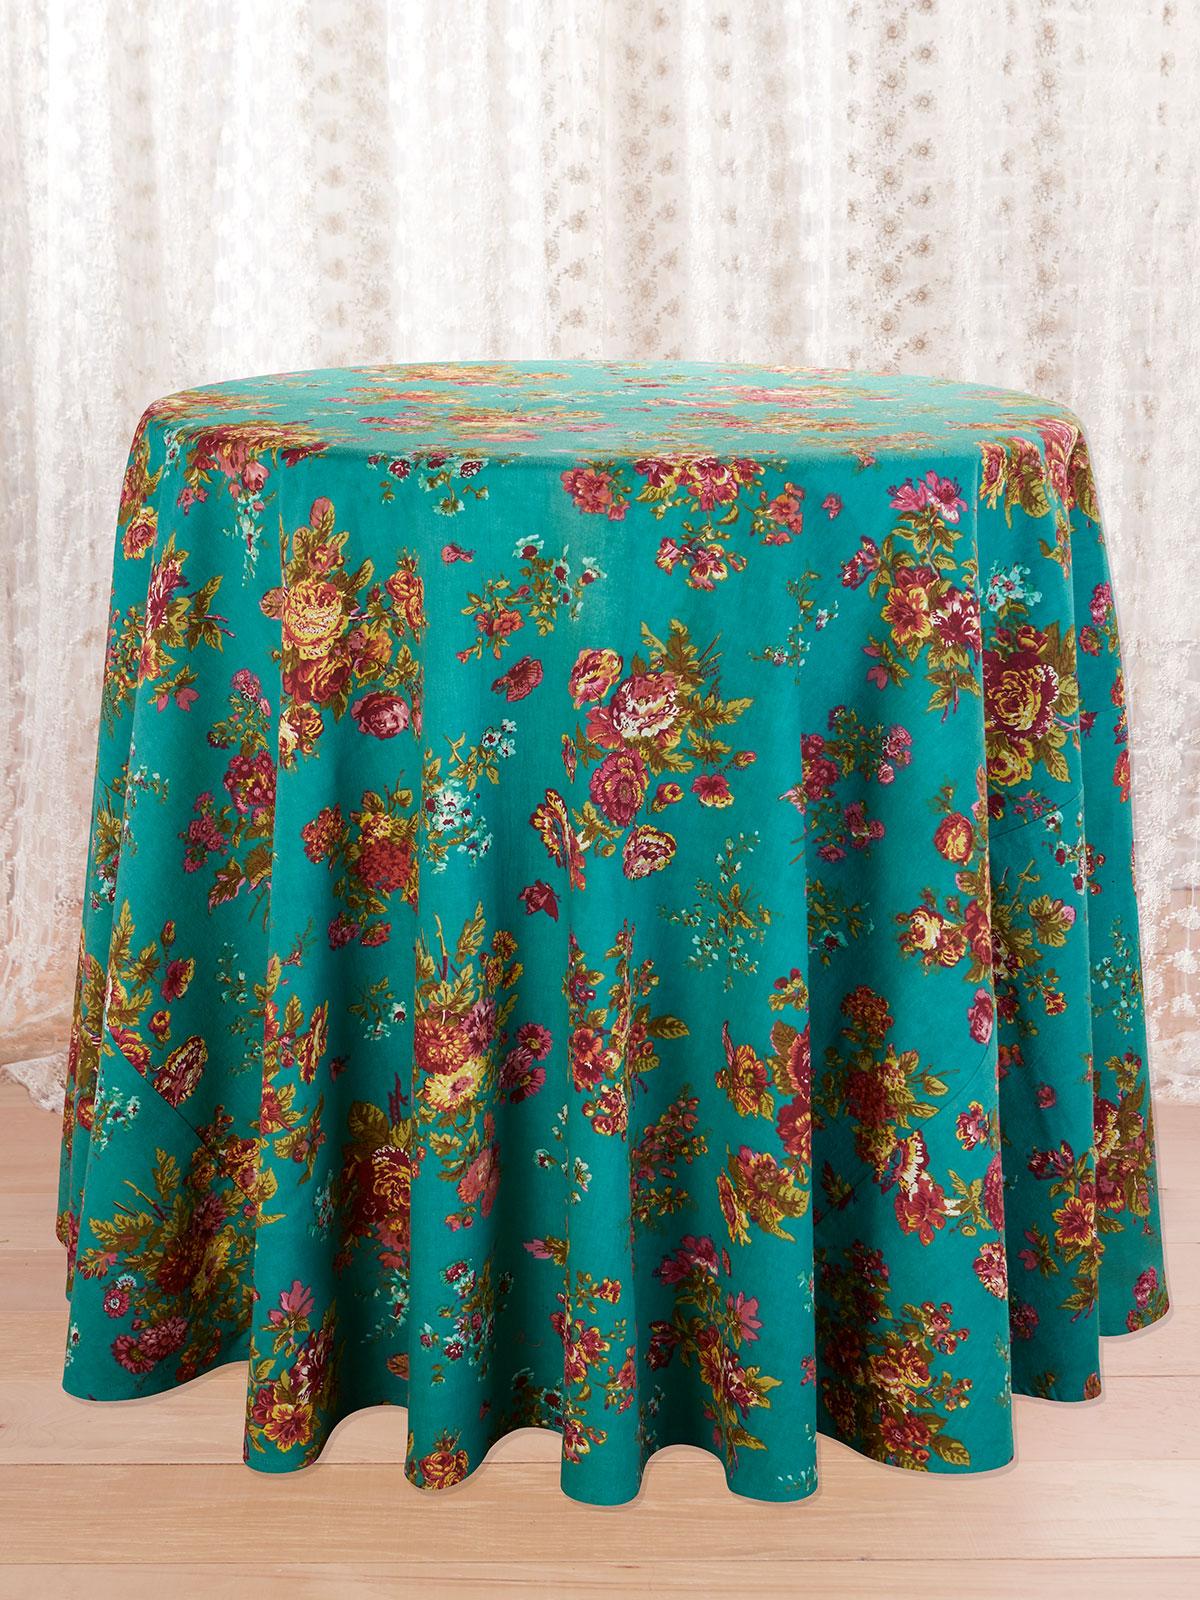 Artist Garden Round Tablecloth